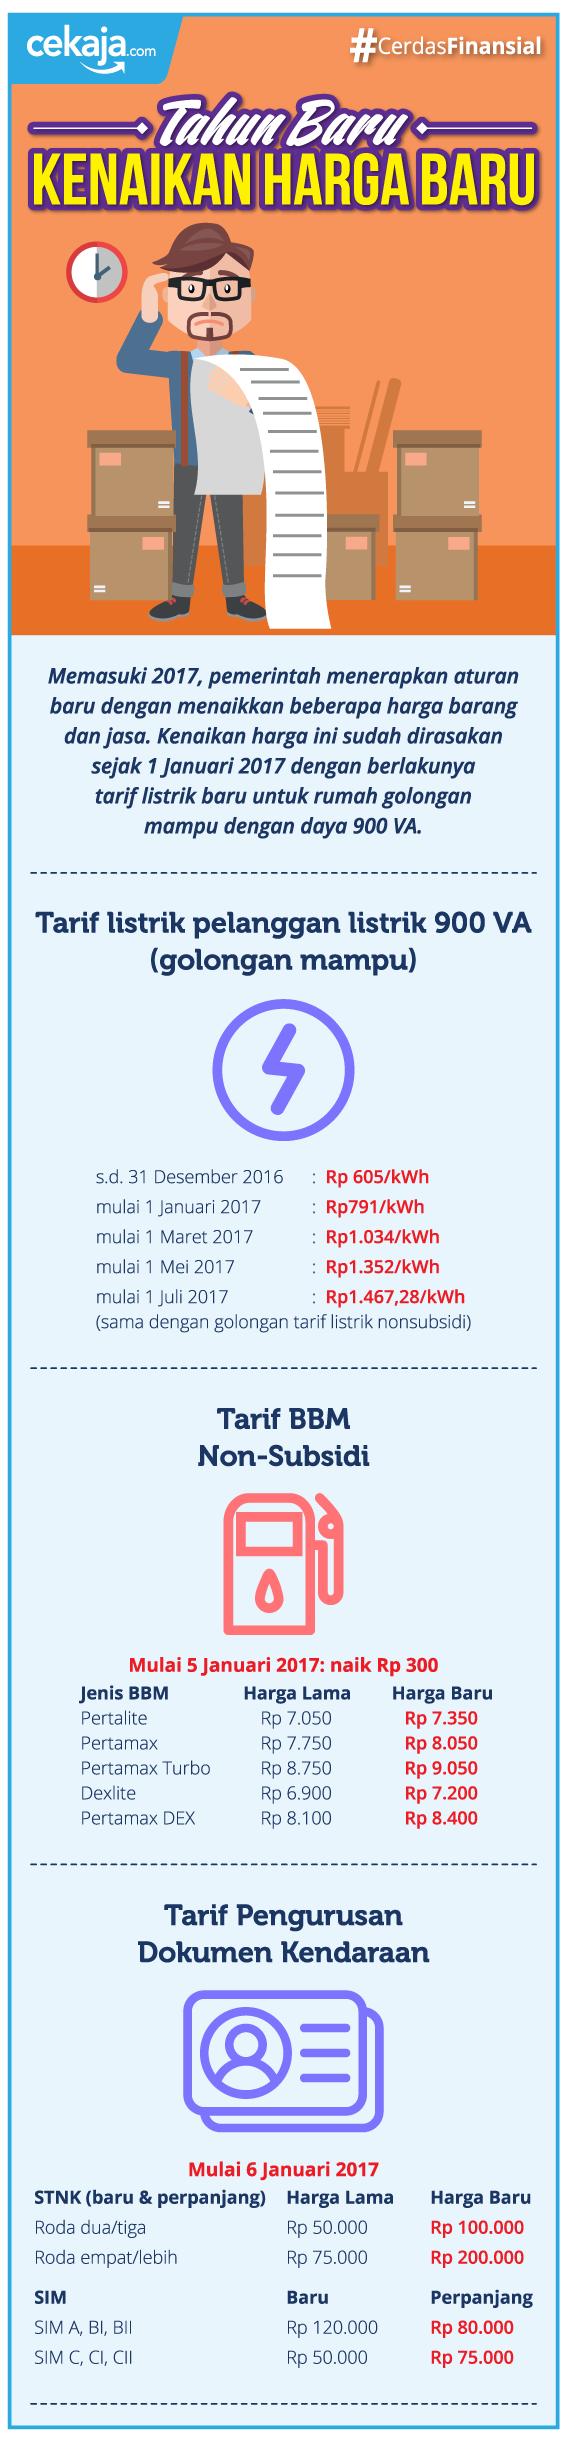 INFOGRAFIS_kenaikan harga 2017 - CekAja.com